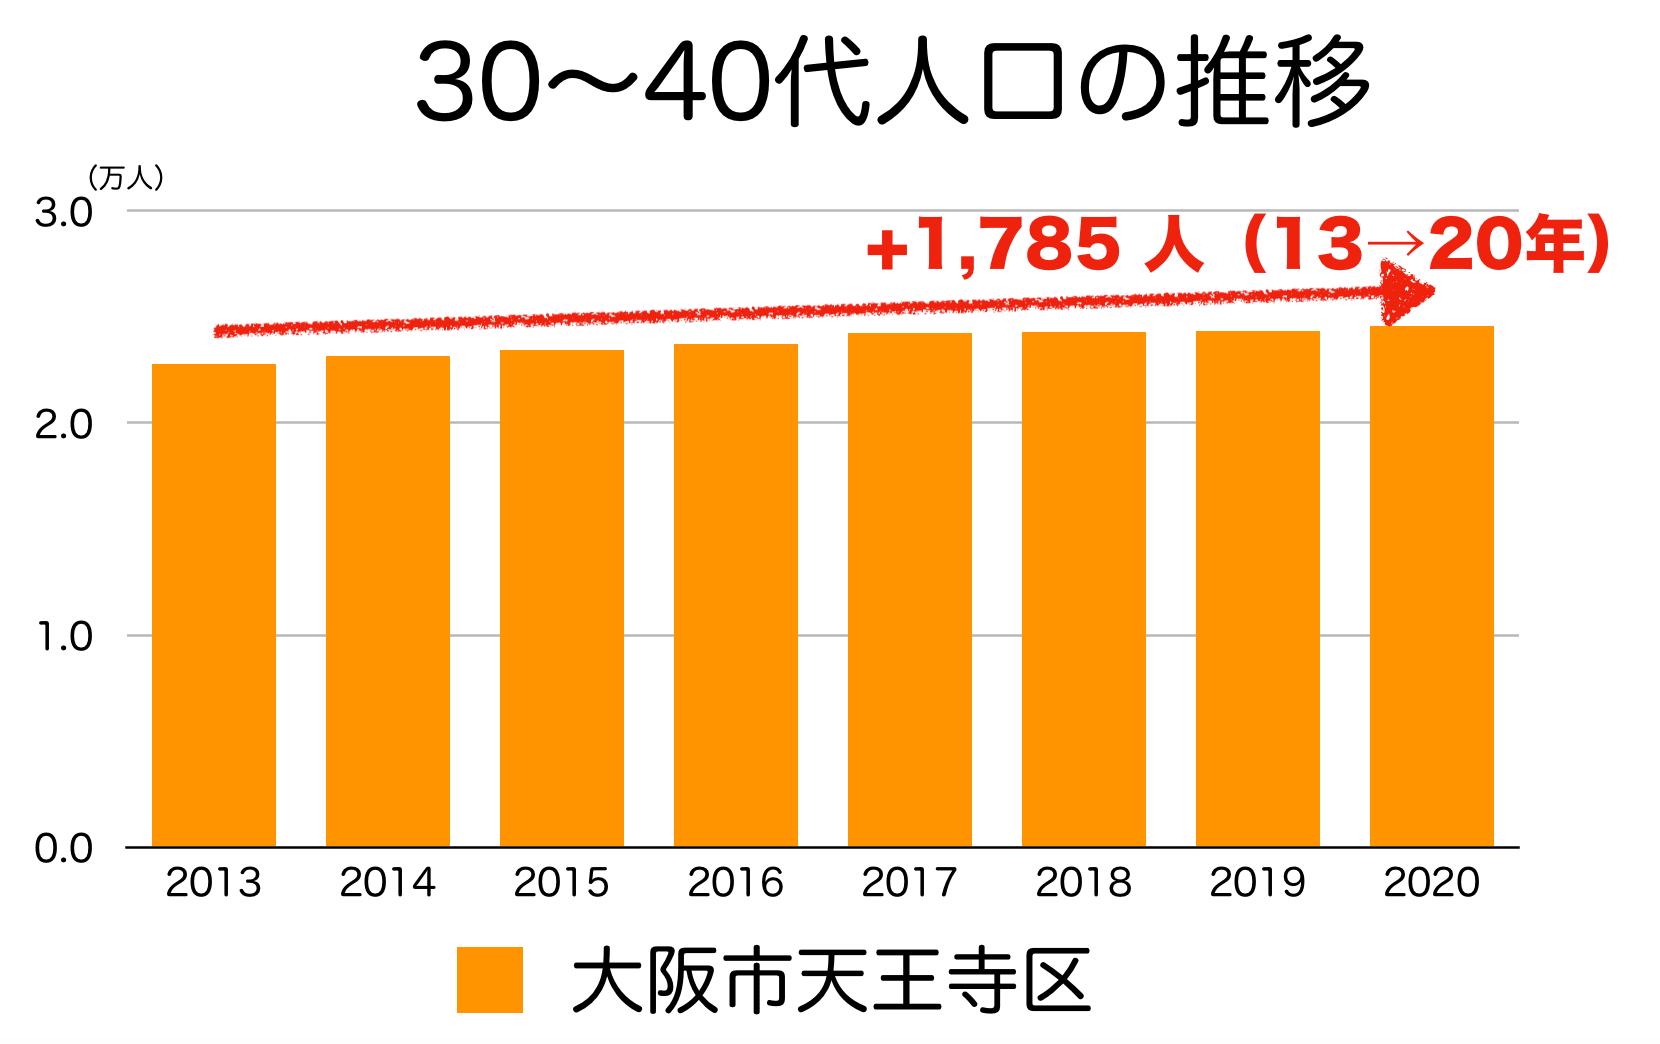 大阪市天王寺区の30〜40代人口の推移